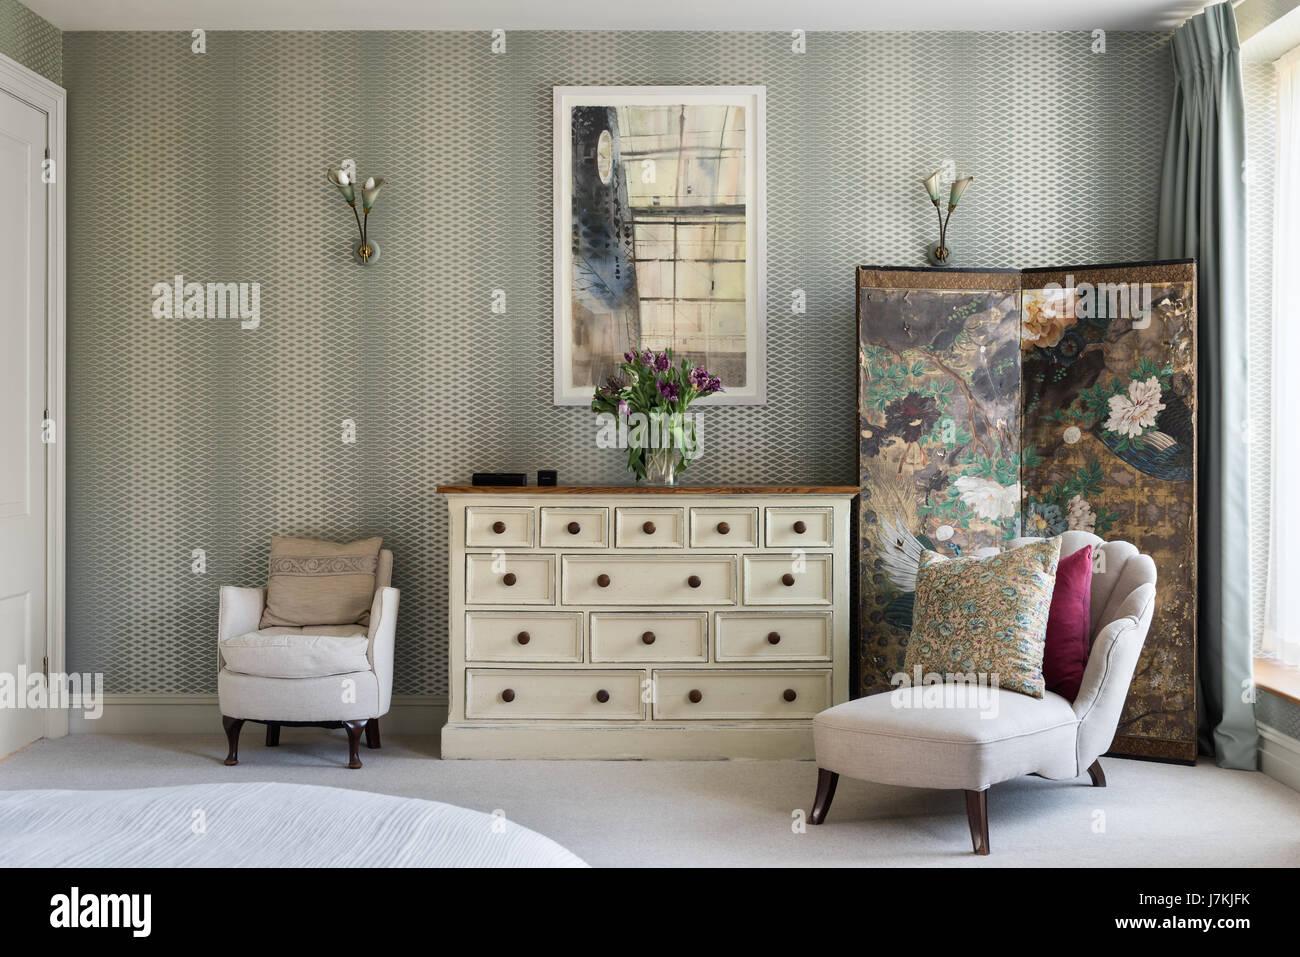 Camere Da Letto Art Deco : Chaise longue in camera da letto con farrow & ball traliccio sfondo